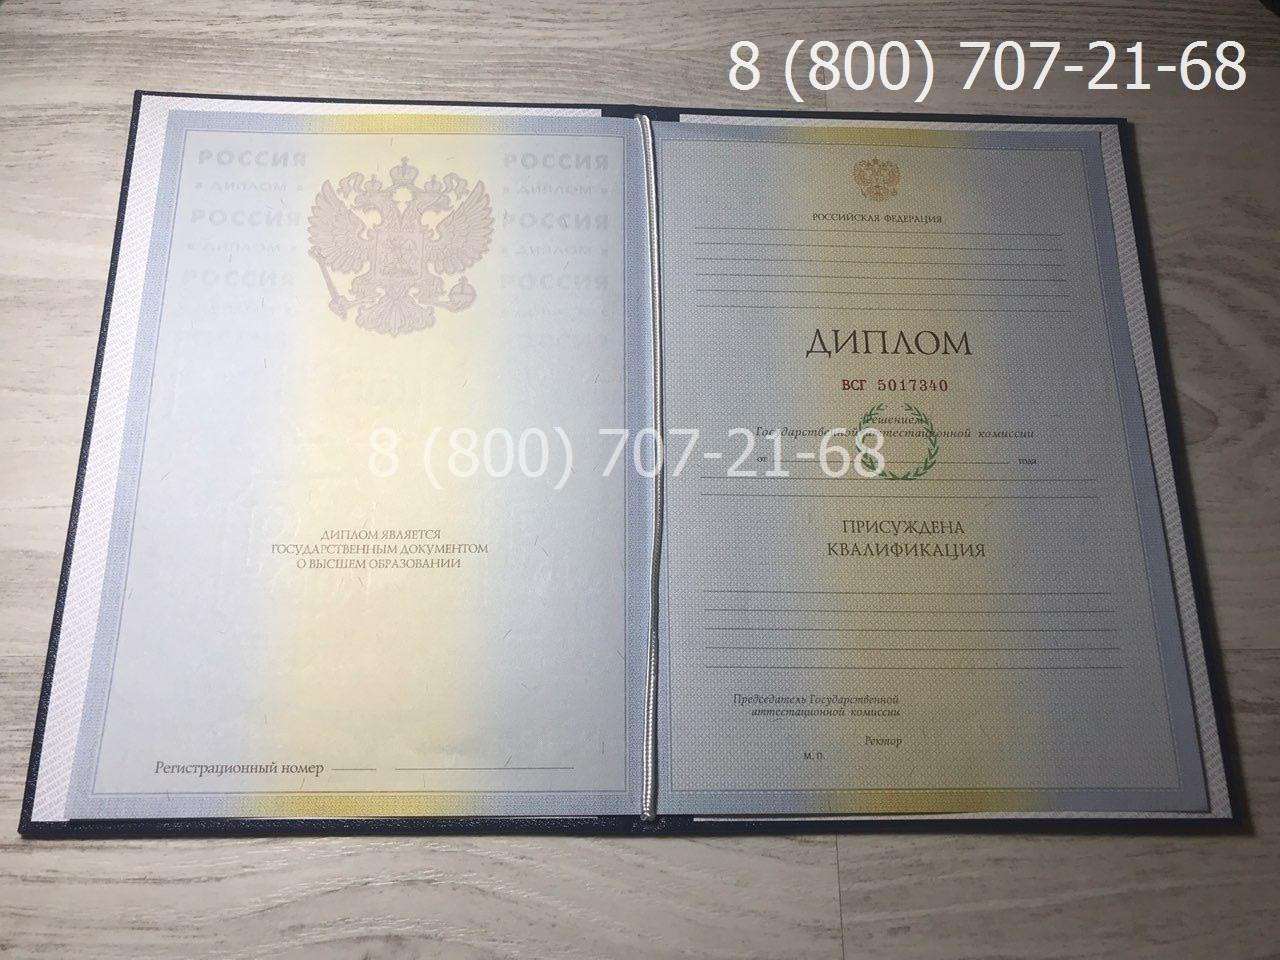 Диплом специалиста 2009-2010 года 1